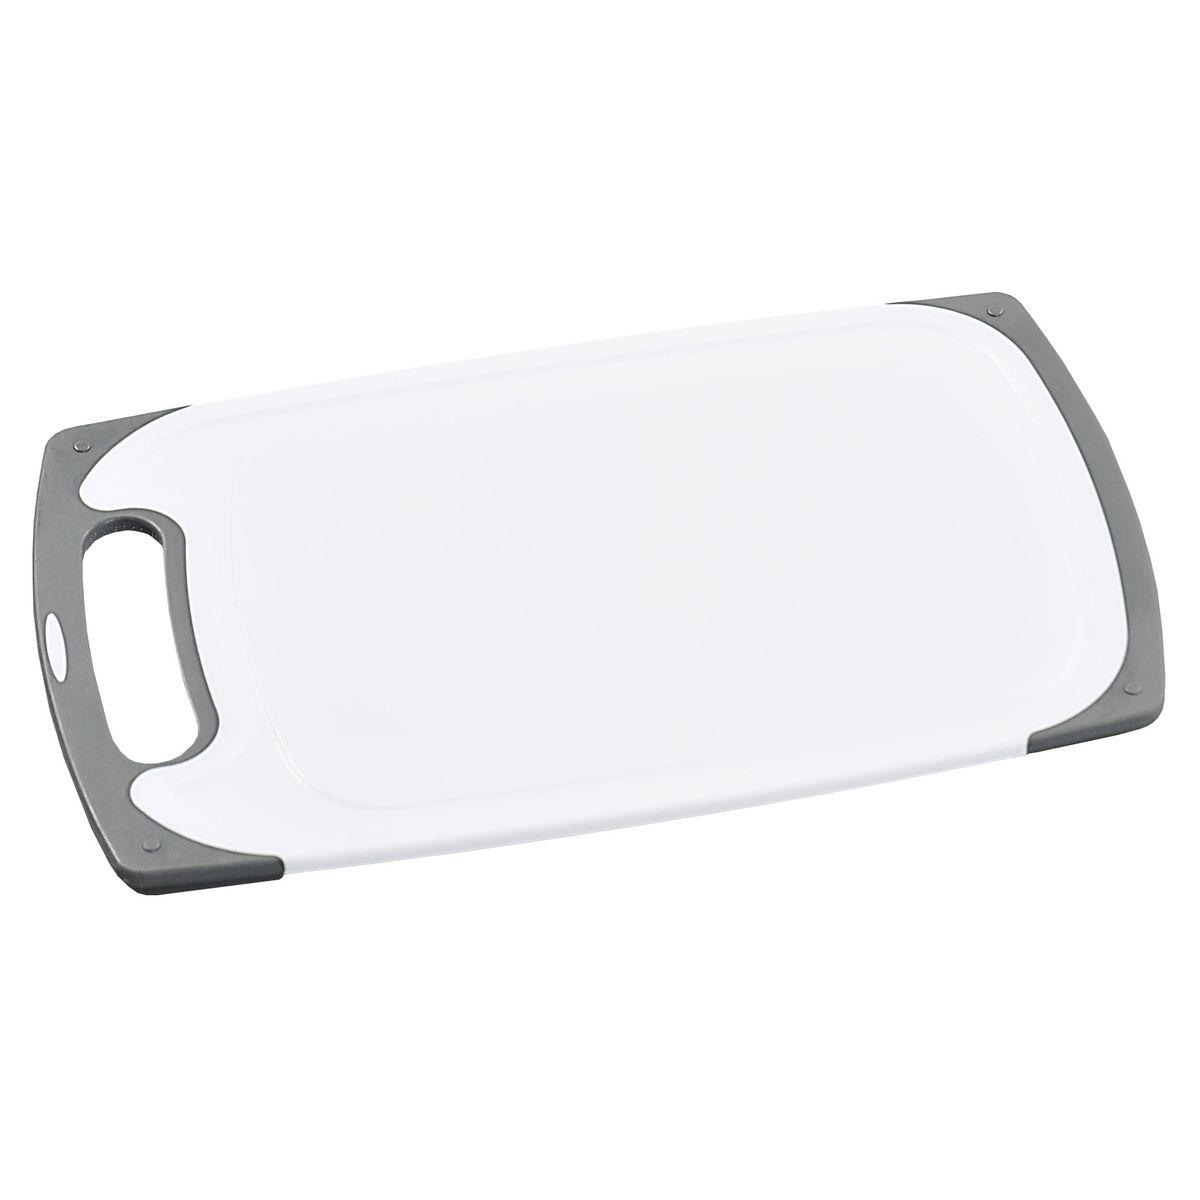 Доска разделочная Kesper, цвет: белый, серый, 31,5 см х 19,5 см х 1 см3075-0Разделочные доска Kesper изготовлена из высококачественного пластика. Такая доска займет достойное место среди аксессуаров на вашей кухне. Она прекрасно подойдет для нарезки любых продуктов. Доска устойчива к деформации и высоким температурам. Разделочная доска Kesper прекрасно впишется в интерьер любой кухни и прослужит вам долгие годы.